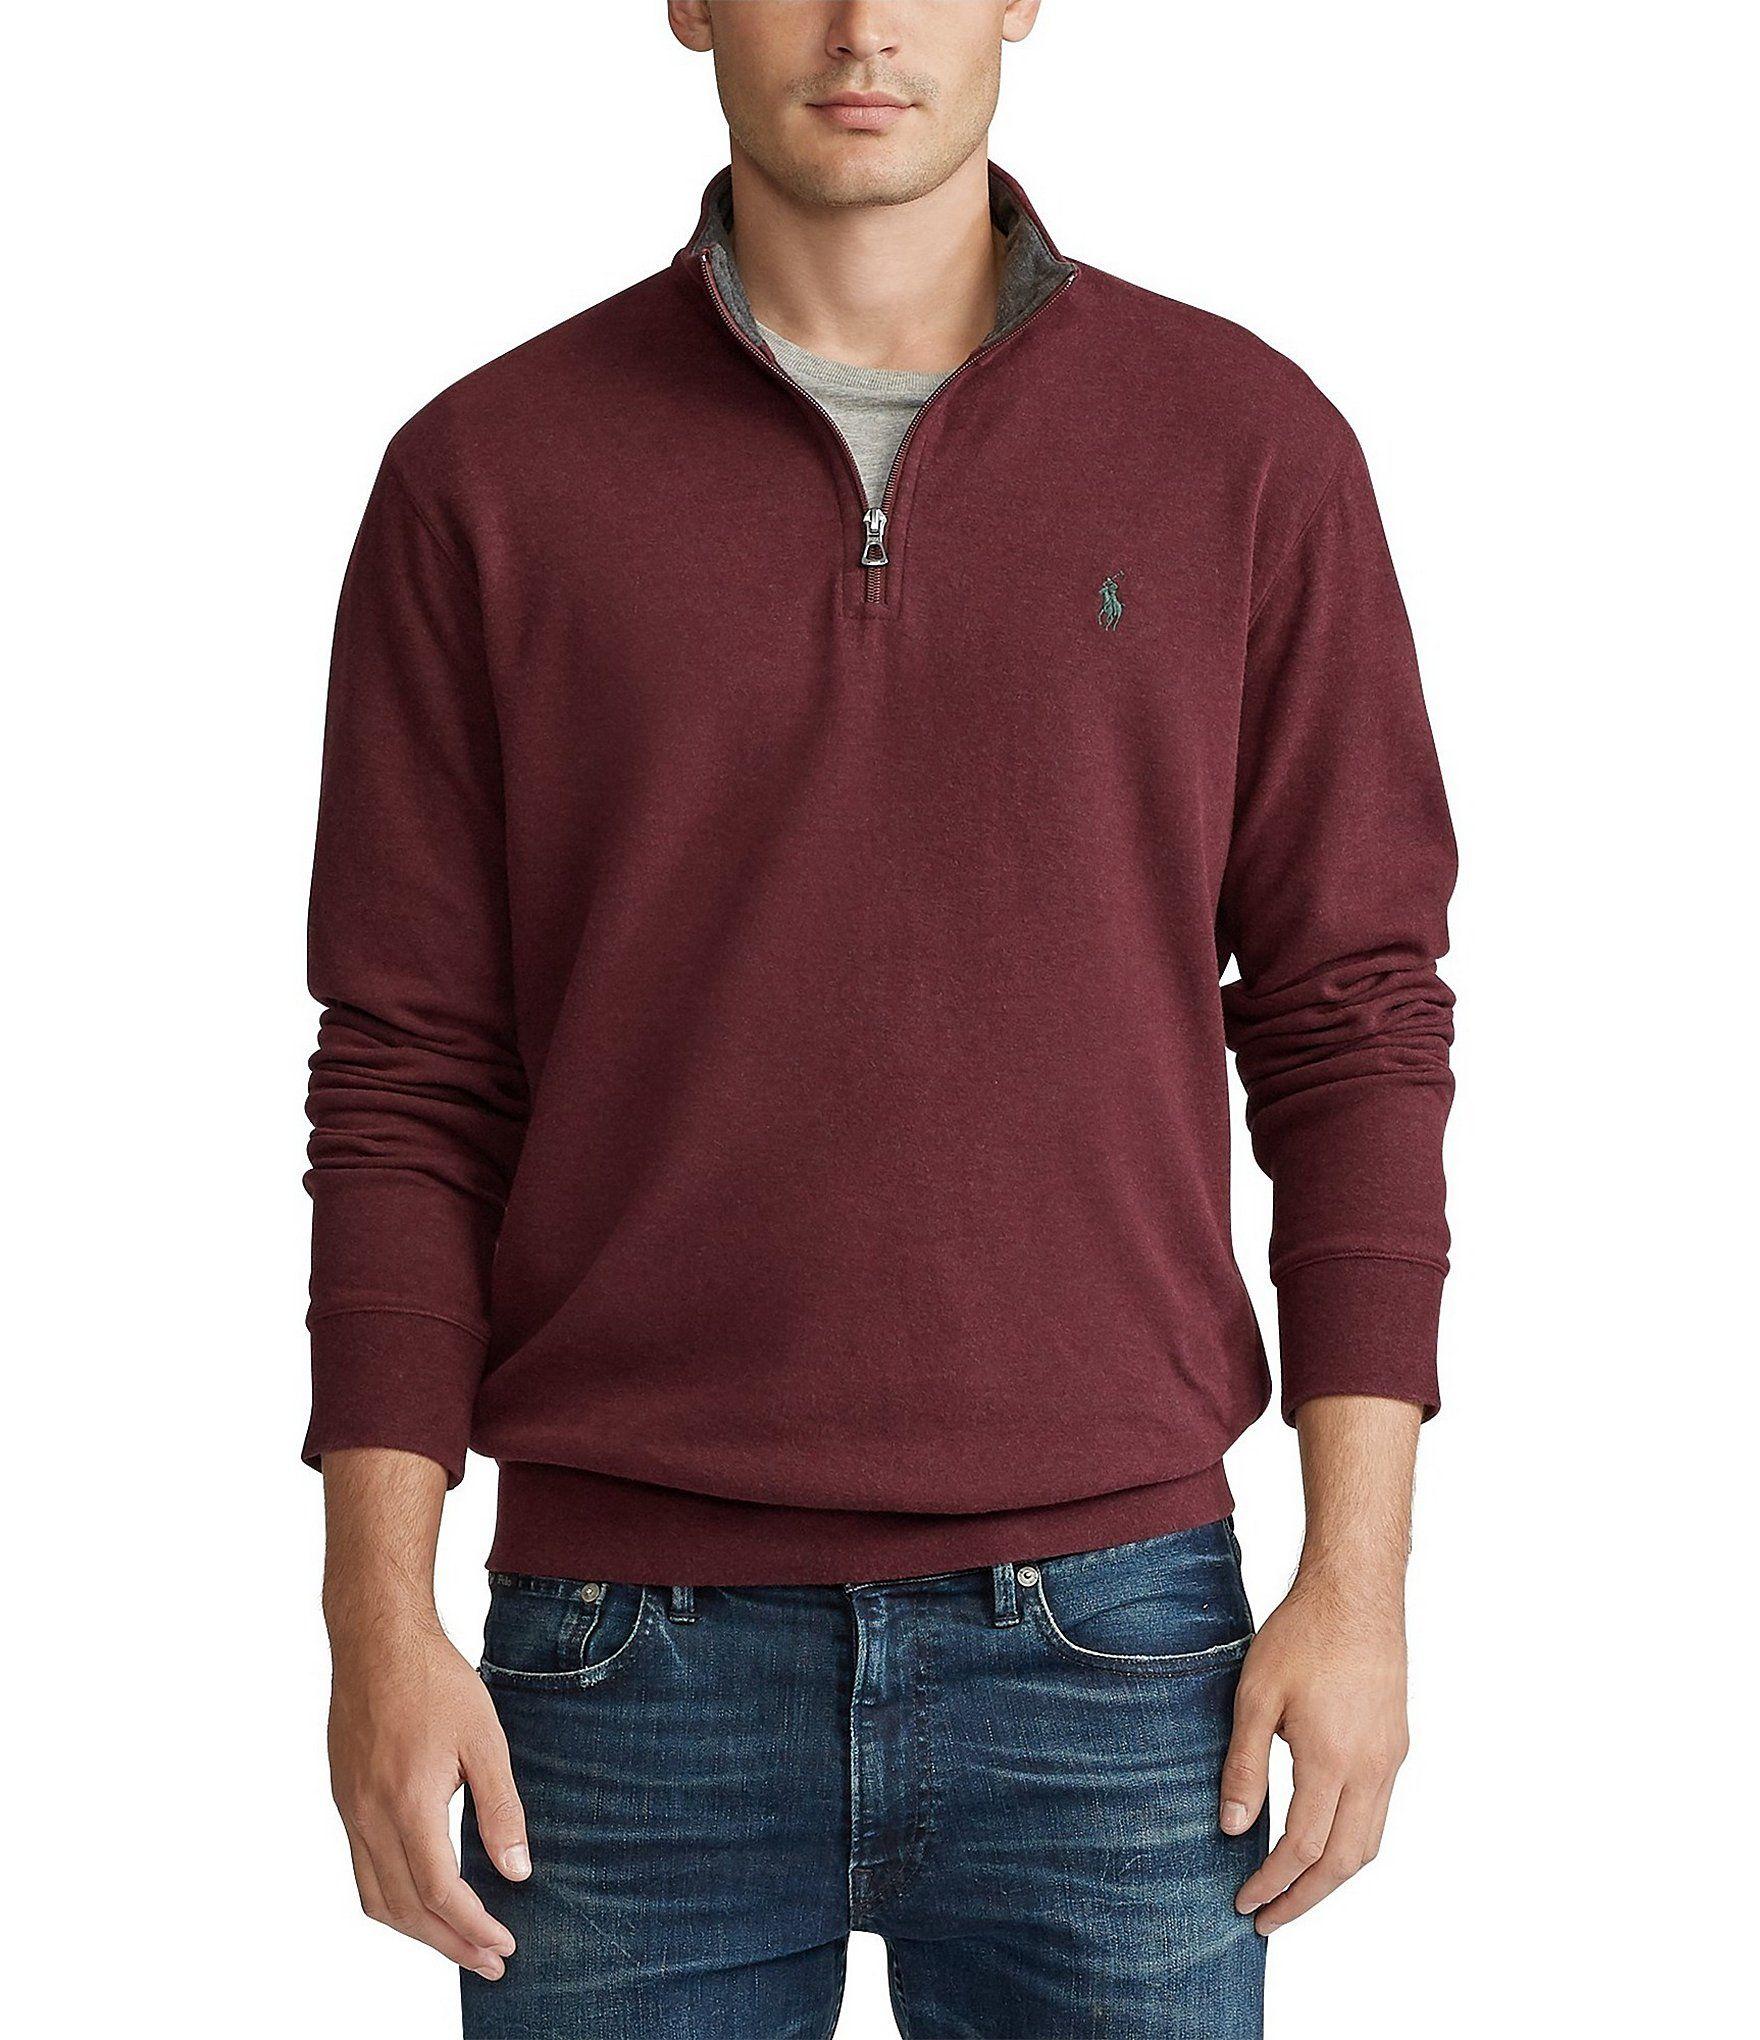 Polo Ralph Lauren Luxury Jersey Half Zip Pullover Dillard S In 2020 Pullover Men Polo Ralph Lauren Half Zip Pullover